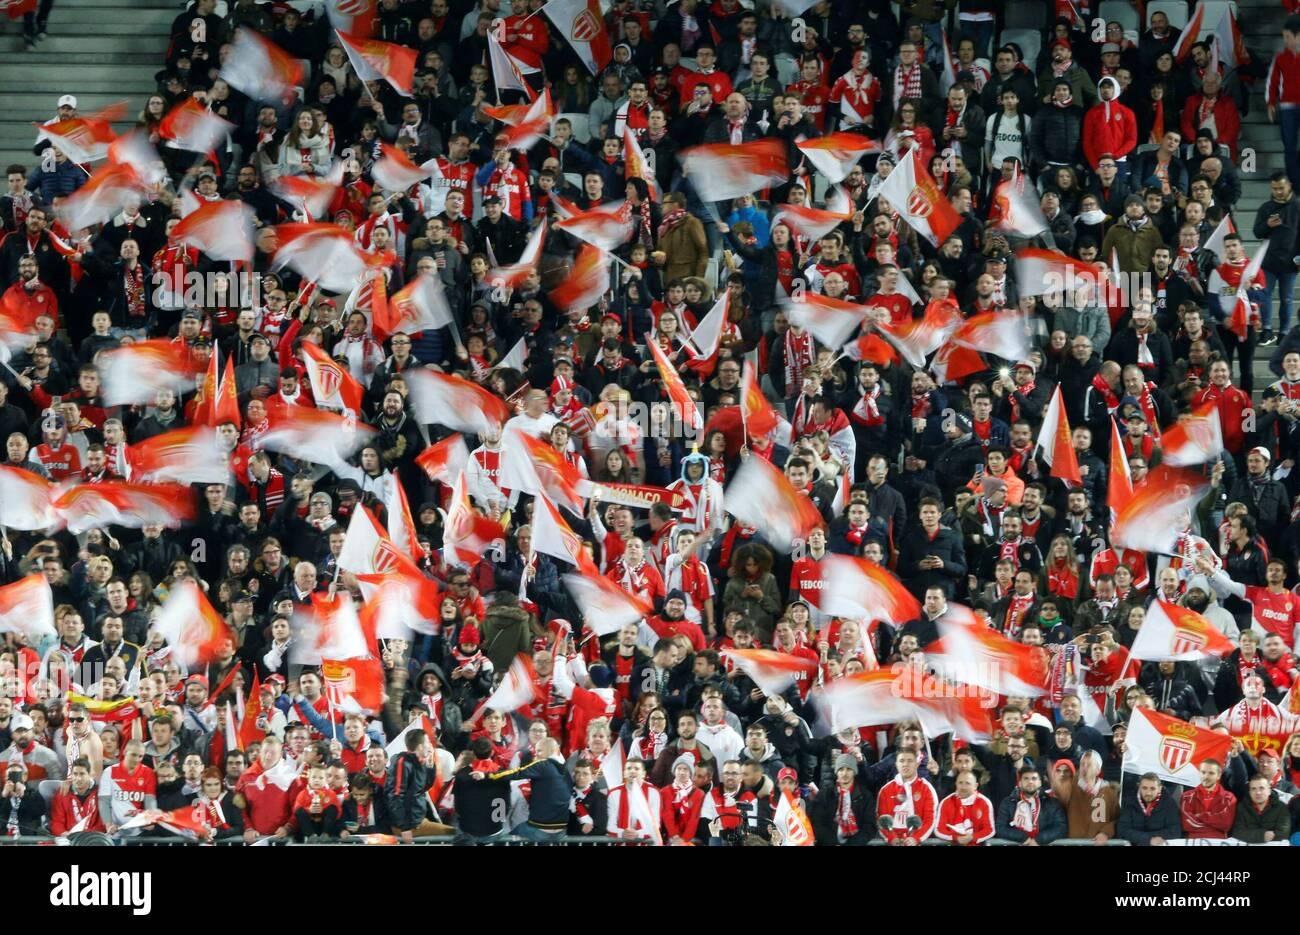 Soccer Football - Coupe de la Ligue Final - Paris St Germain vs AS Monaco - Matmut Atlantique Stadium, Bordeaux, France - March 31, 2018   AS Monaco fans before the match    REUTERS/Regis Duvignau Stock Photo